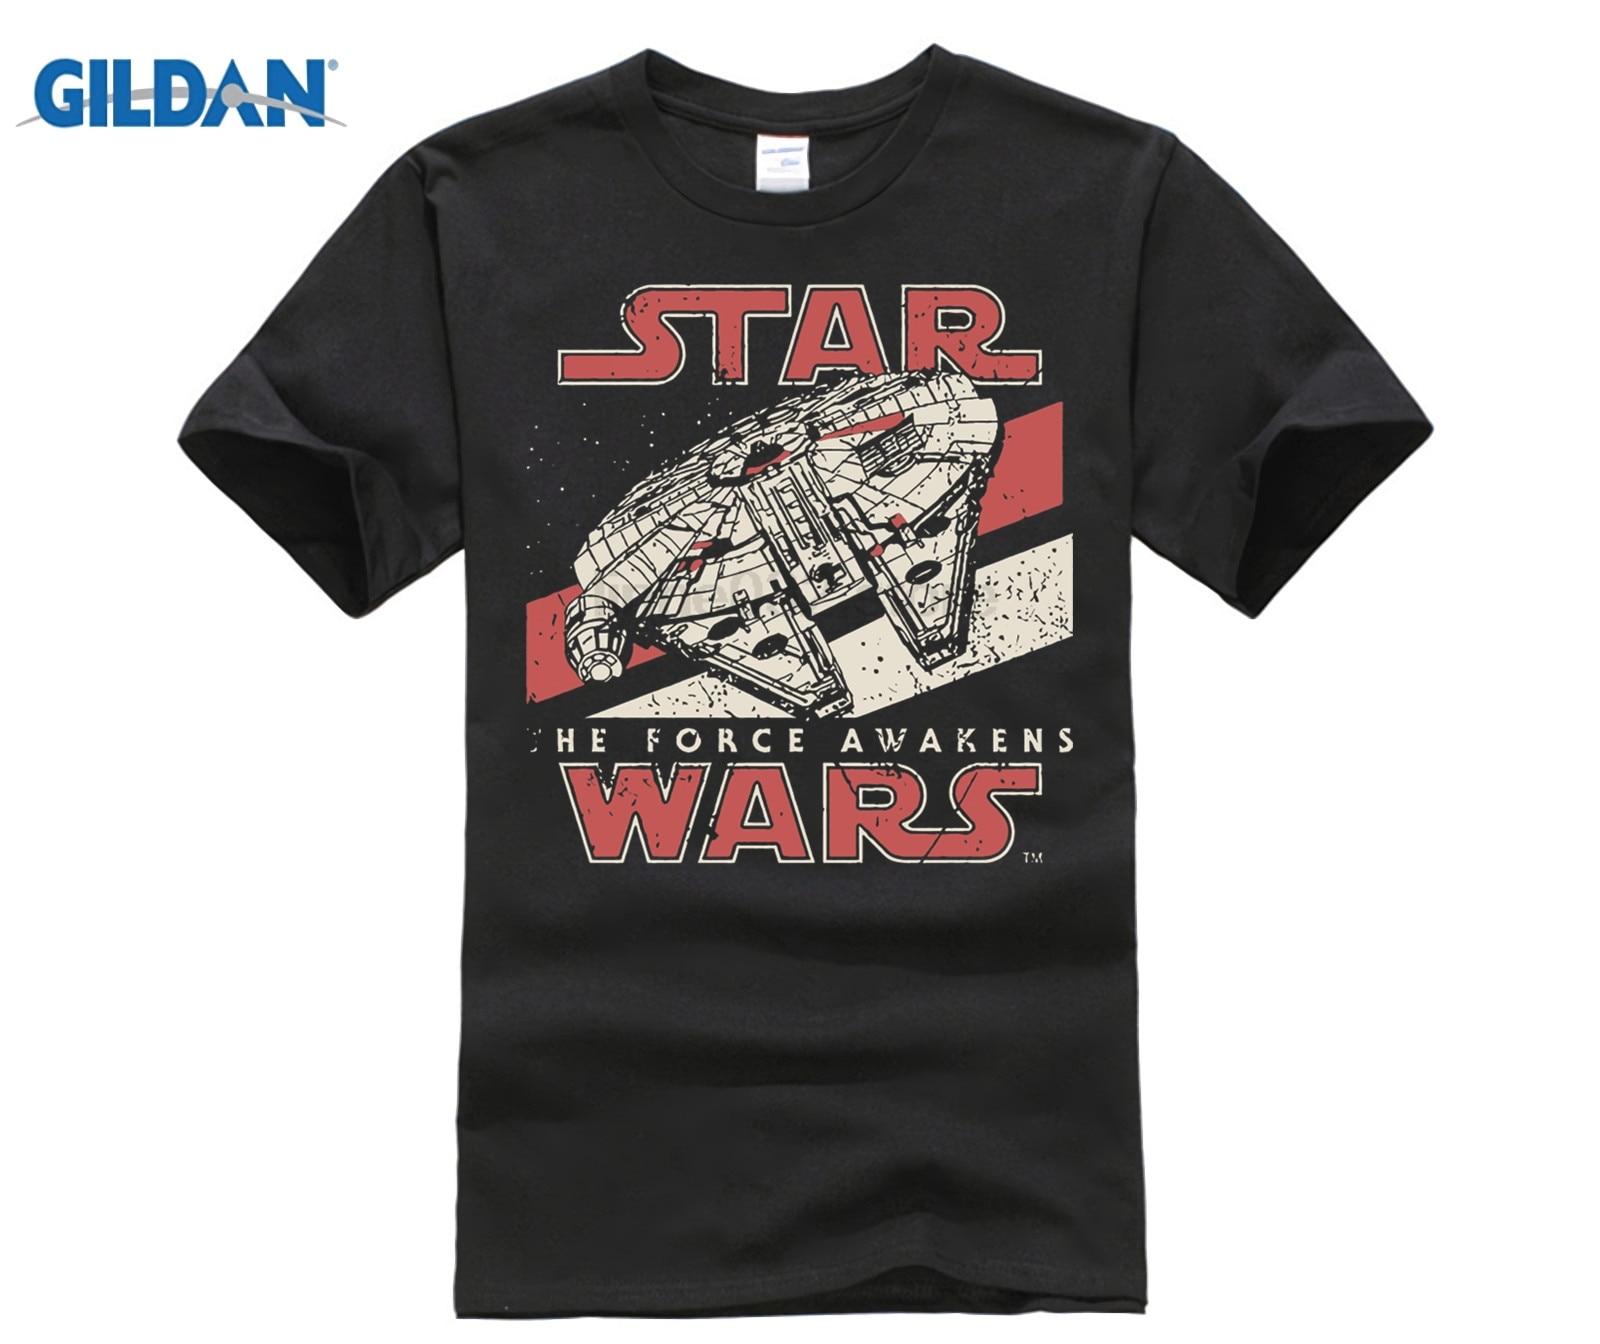 2018 Nieuwe Aankomst Darth Vader Mannen T-shirt Ster De Kracht Wekt Vii Tees Fashion Design Mannelijke Top Tee Koop Altijd Goed